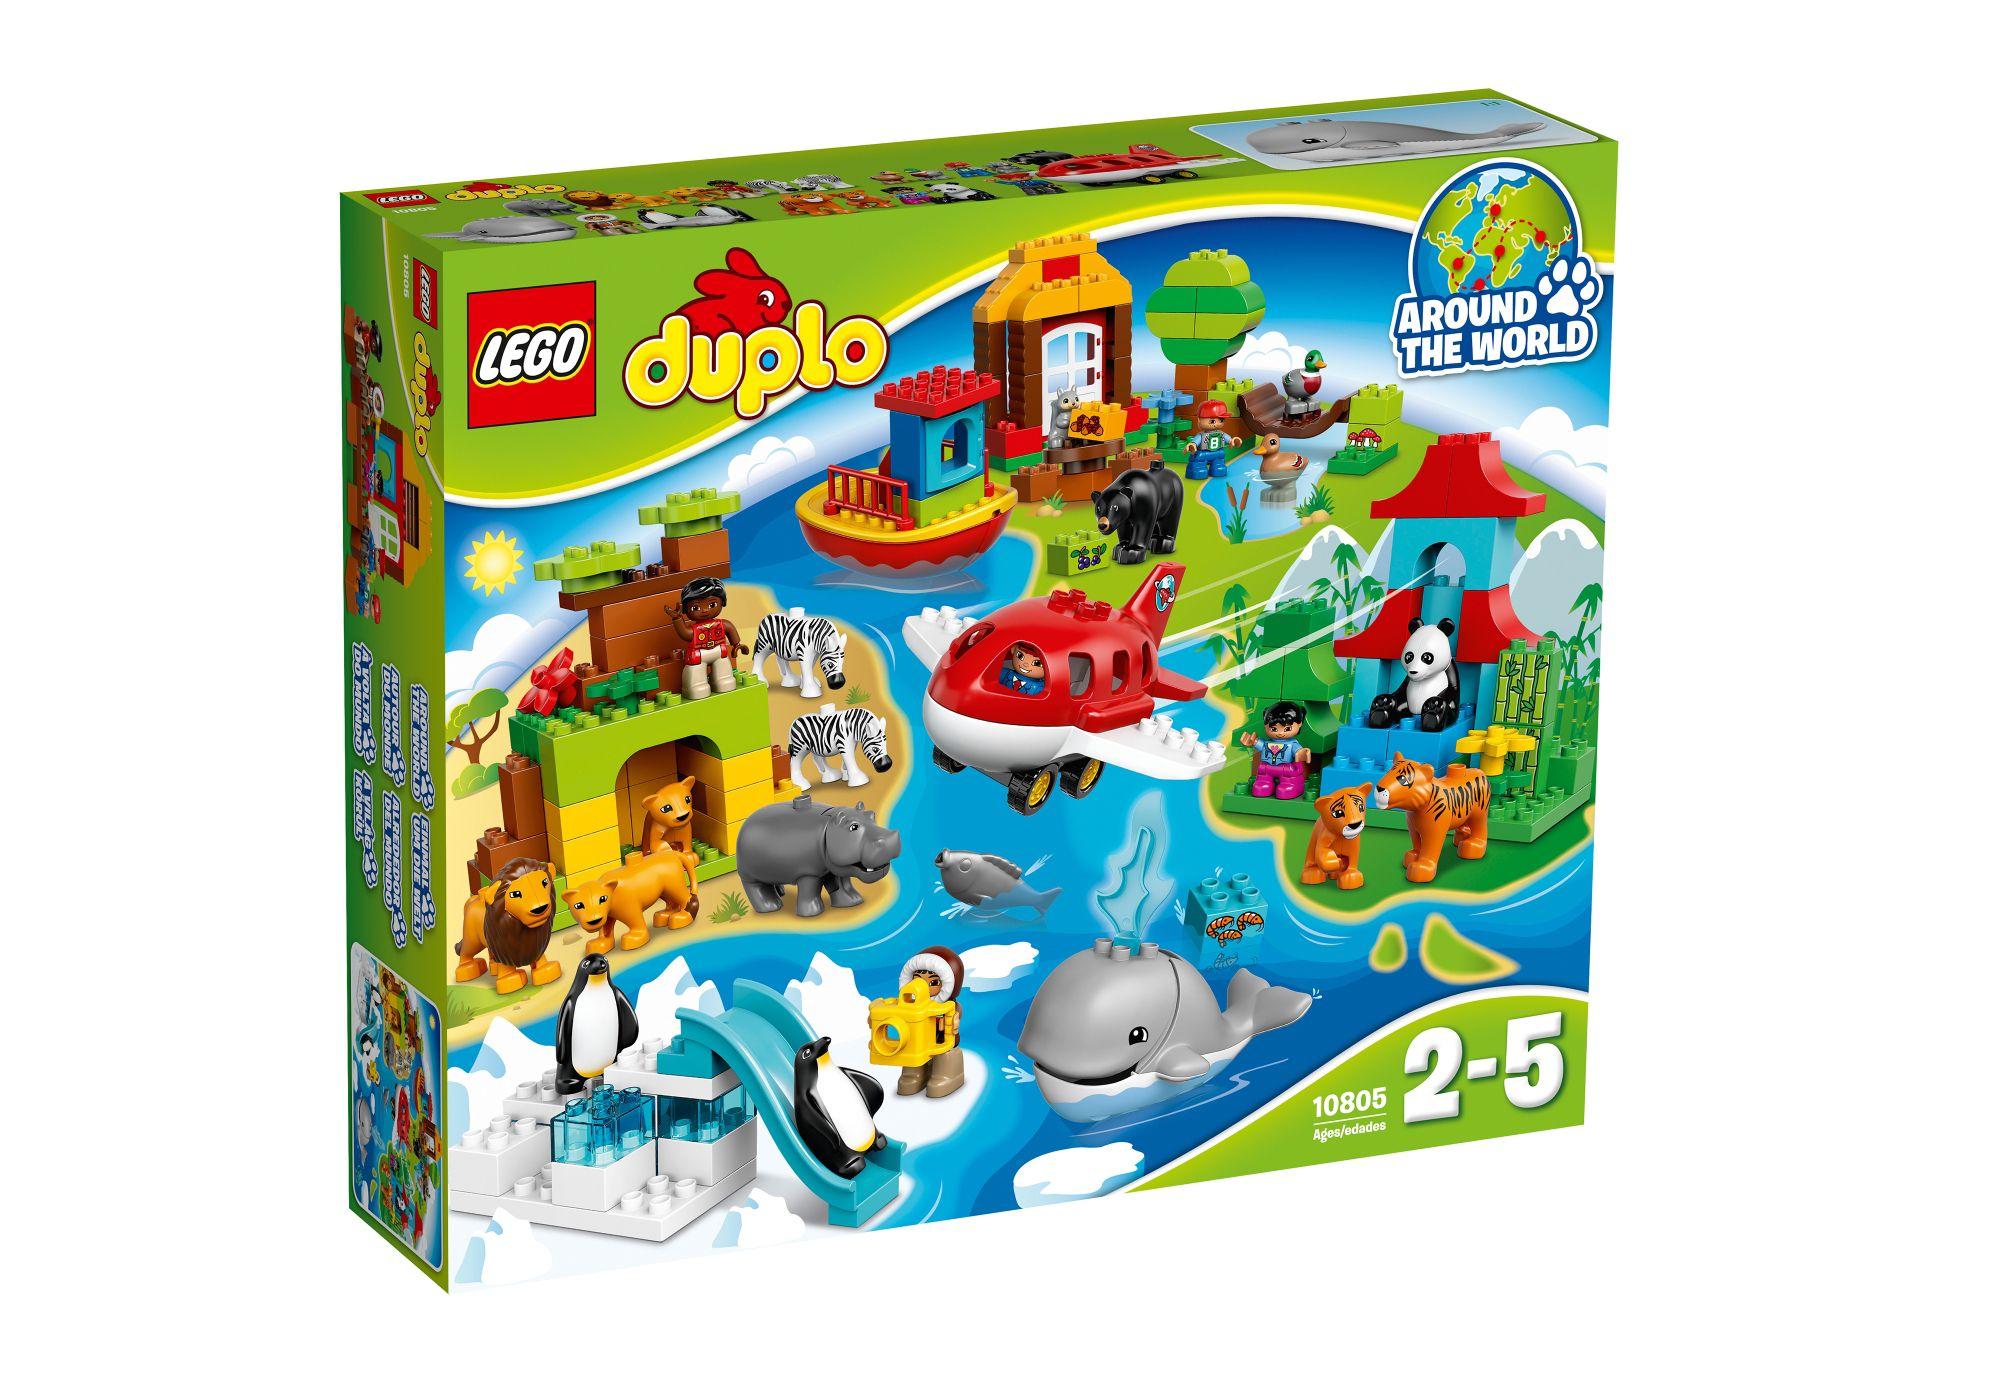 LEGO® 10805 DUPLO Einmal um die Welt, Konstruktionsspielzeug